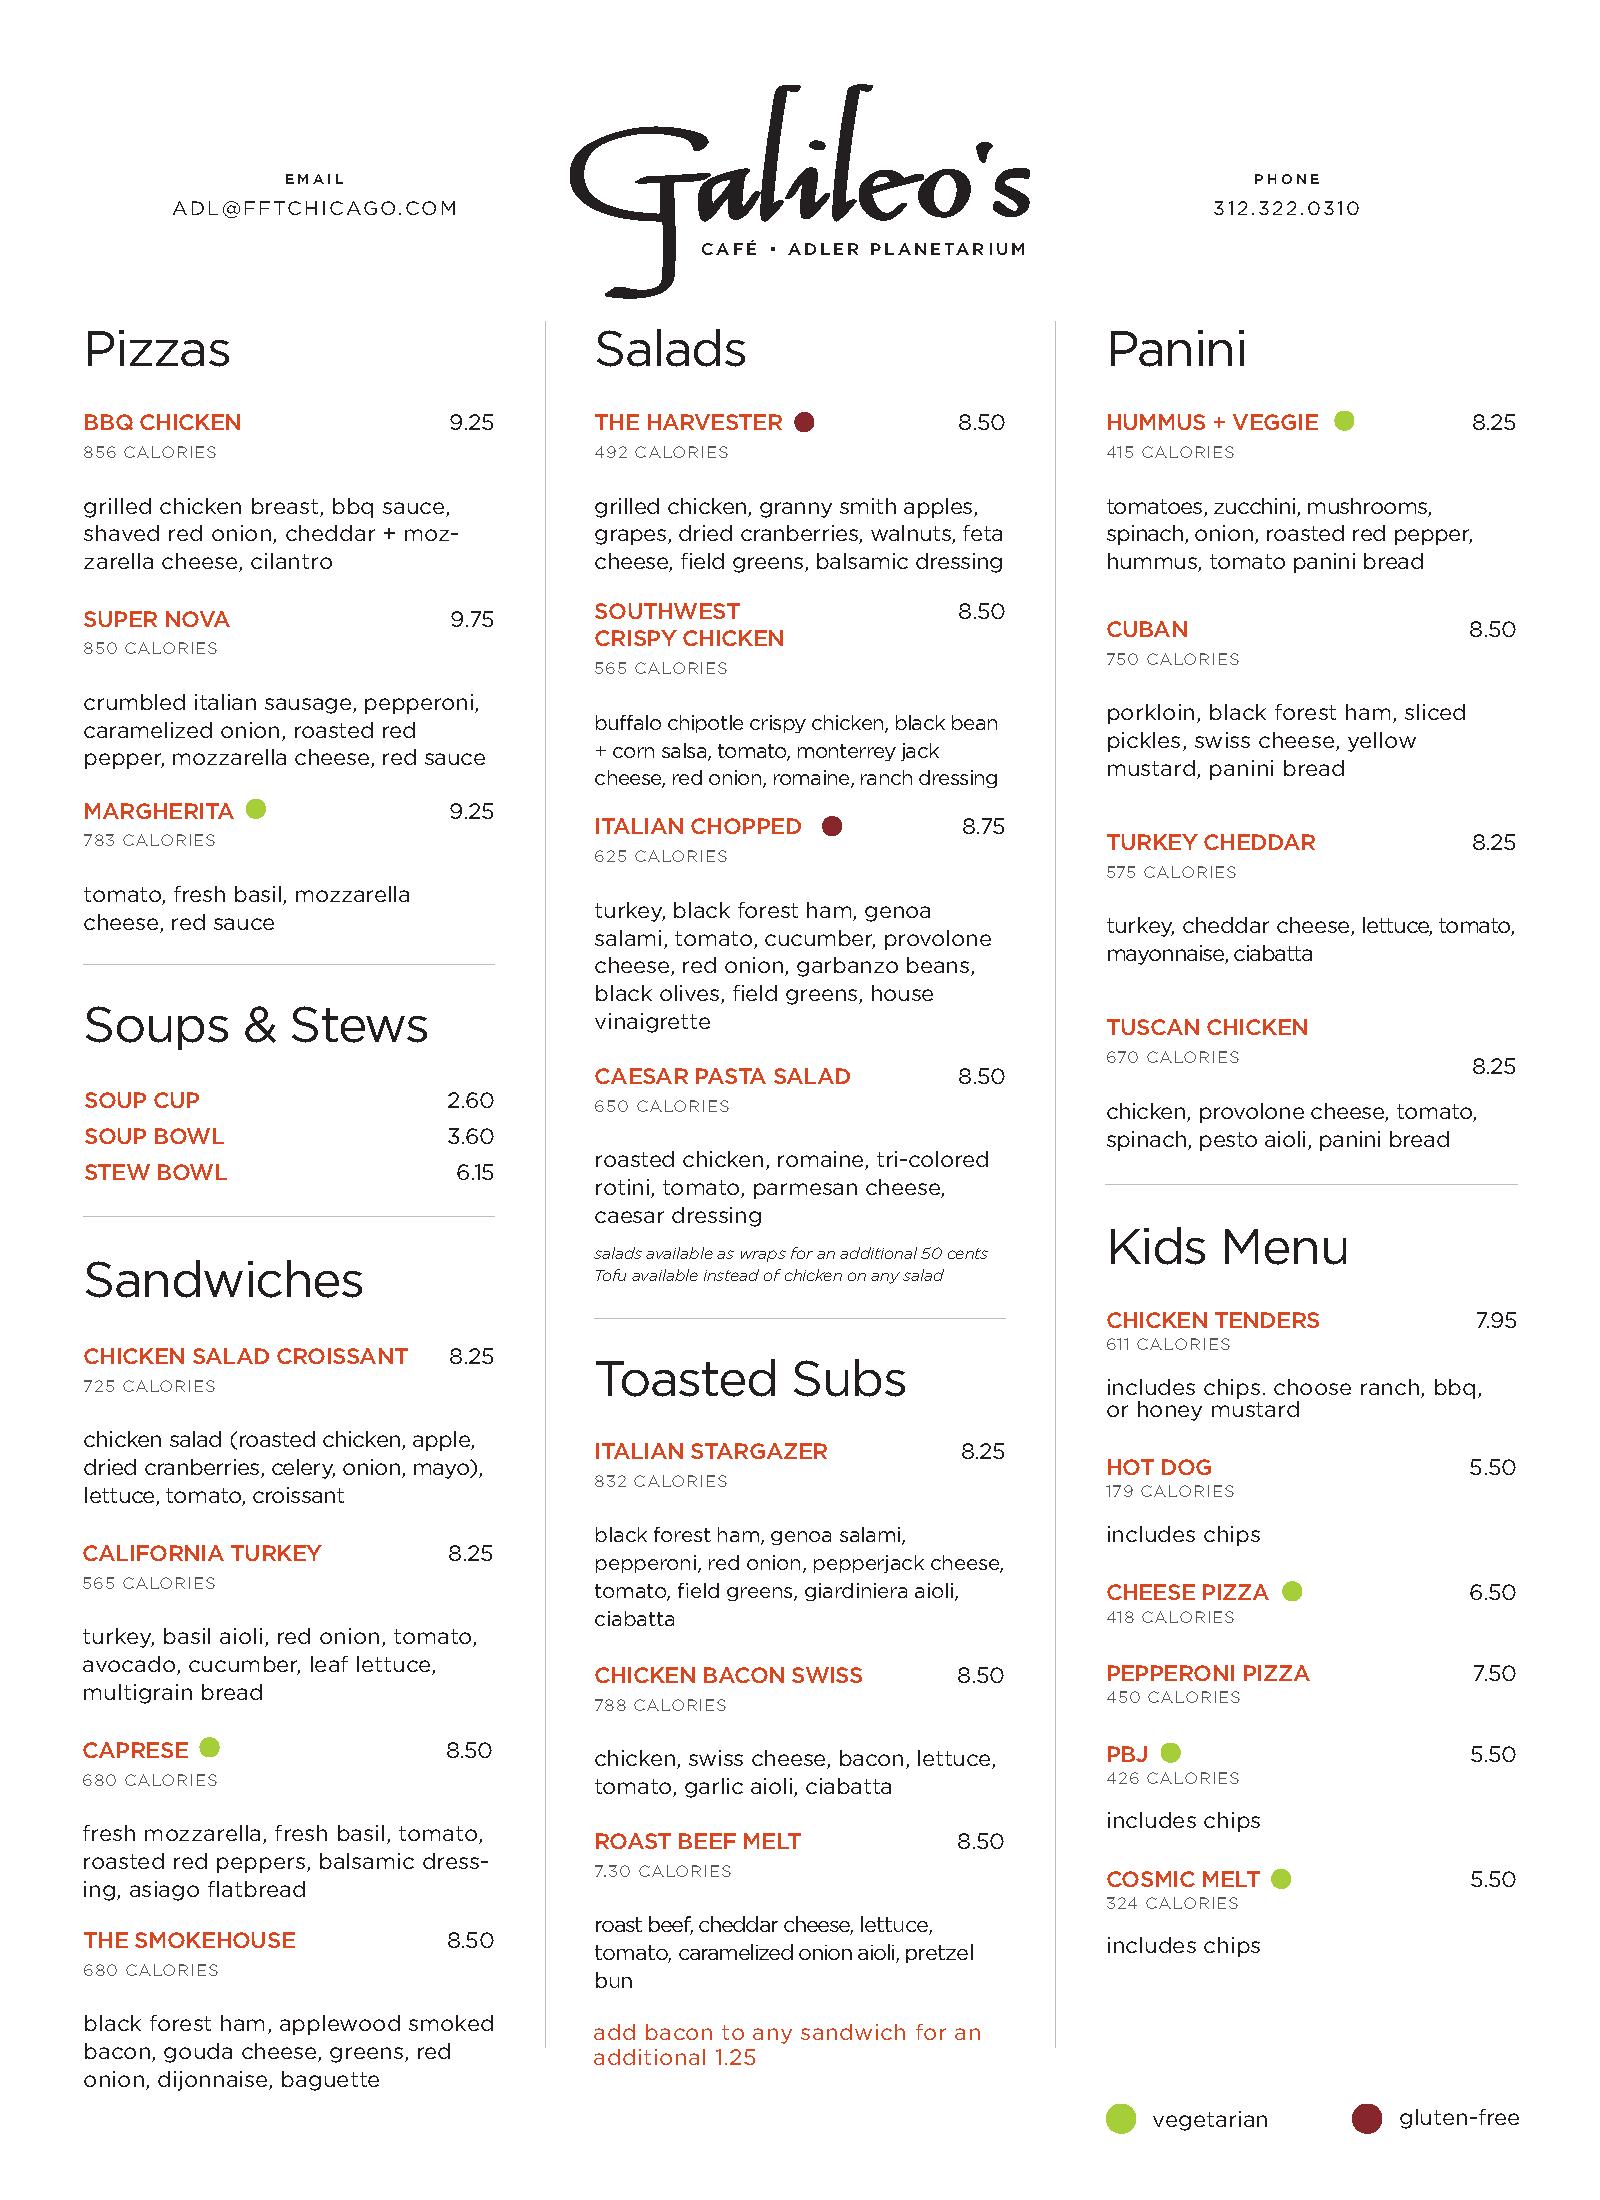 nov-2016-galileo-menu_page1_page_1